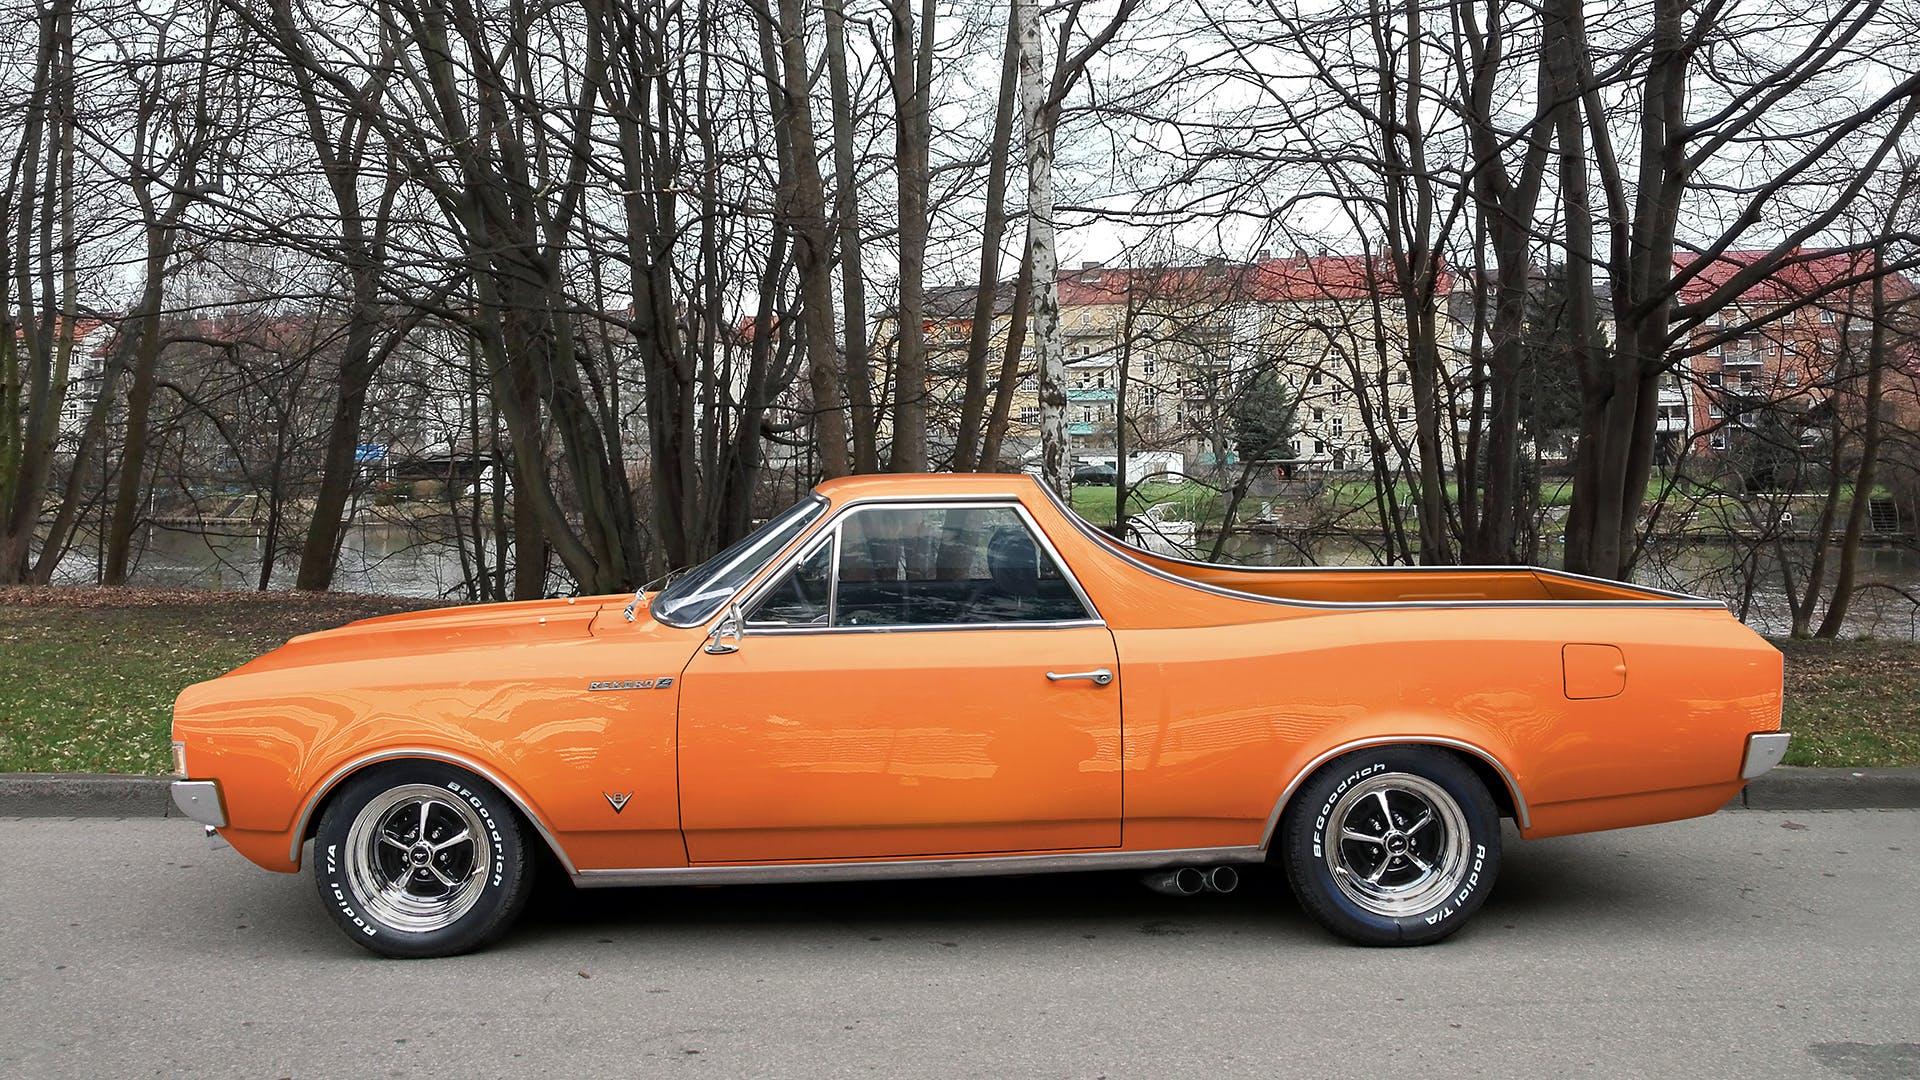 Orange Chevrolet El Camino